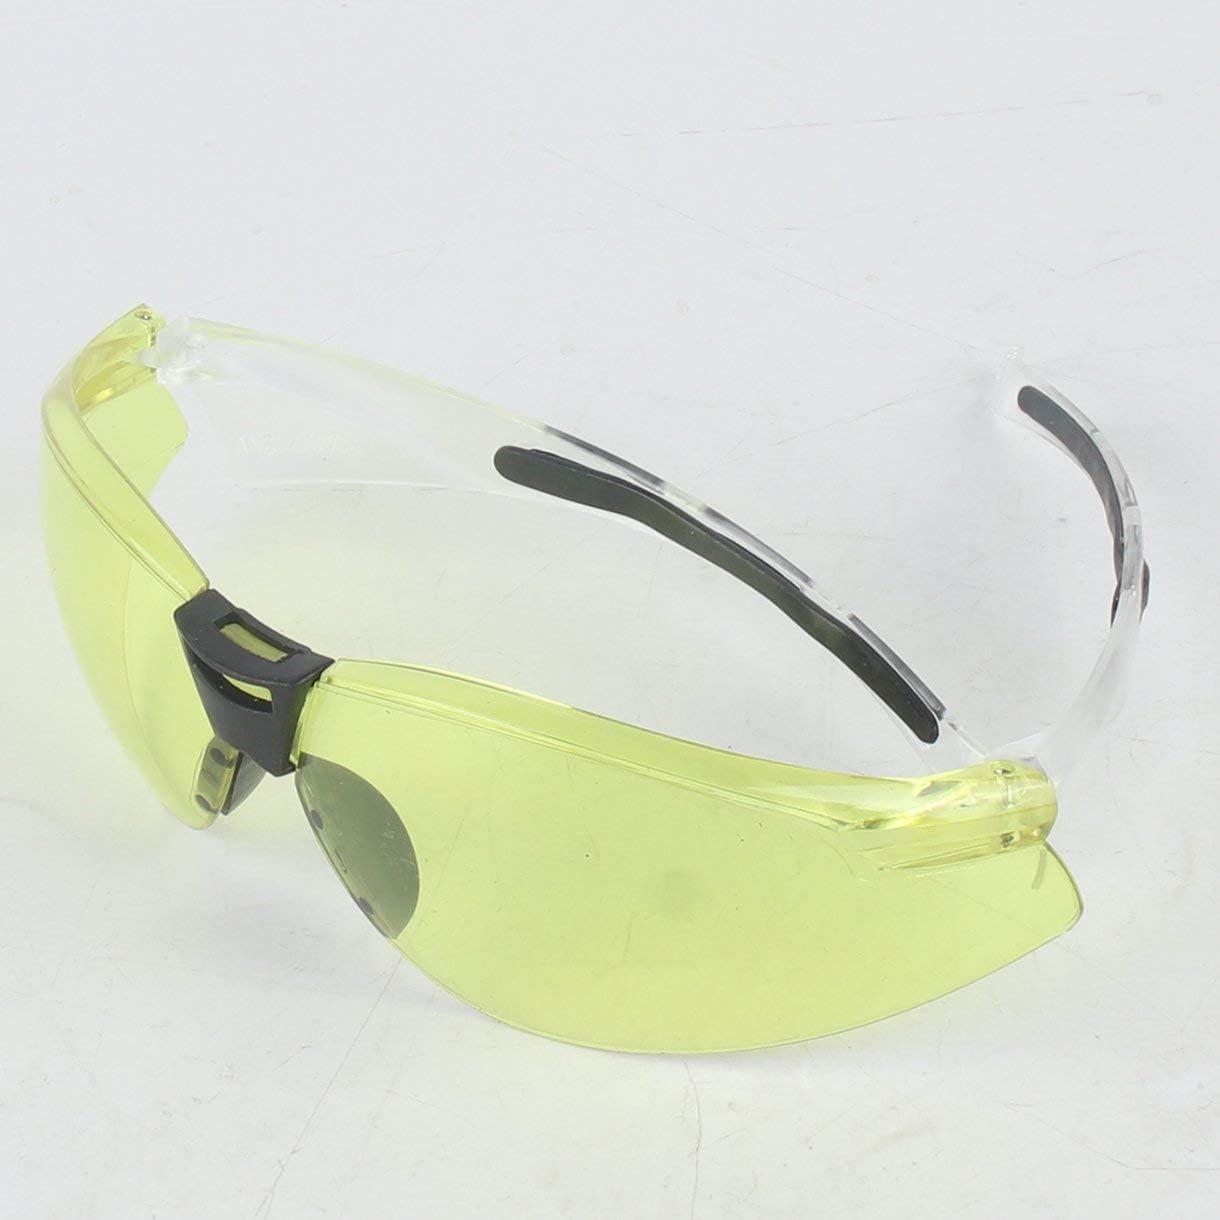 Lunettes de s/écurit/é PC Protection UV Lunettes de moto Poussi/ère Vent R/ésistant aux /éclaboussures R/ésistance aux chocs de haute r/ésistance pour la randonn/ée /à v/élo couleur: jaune